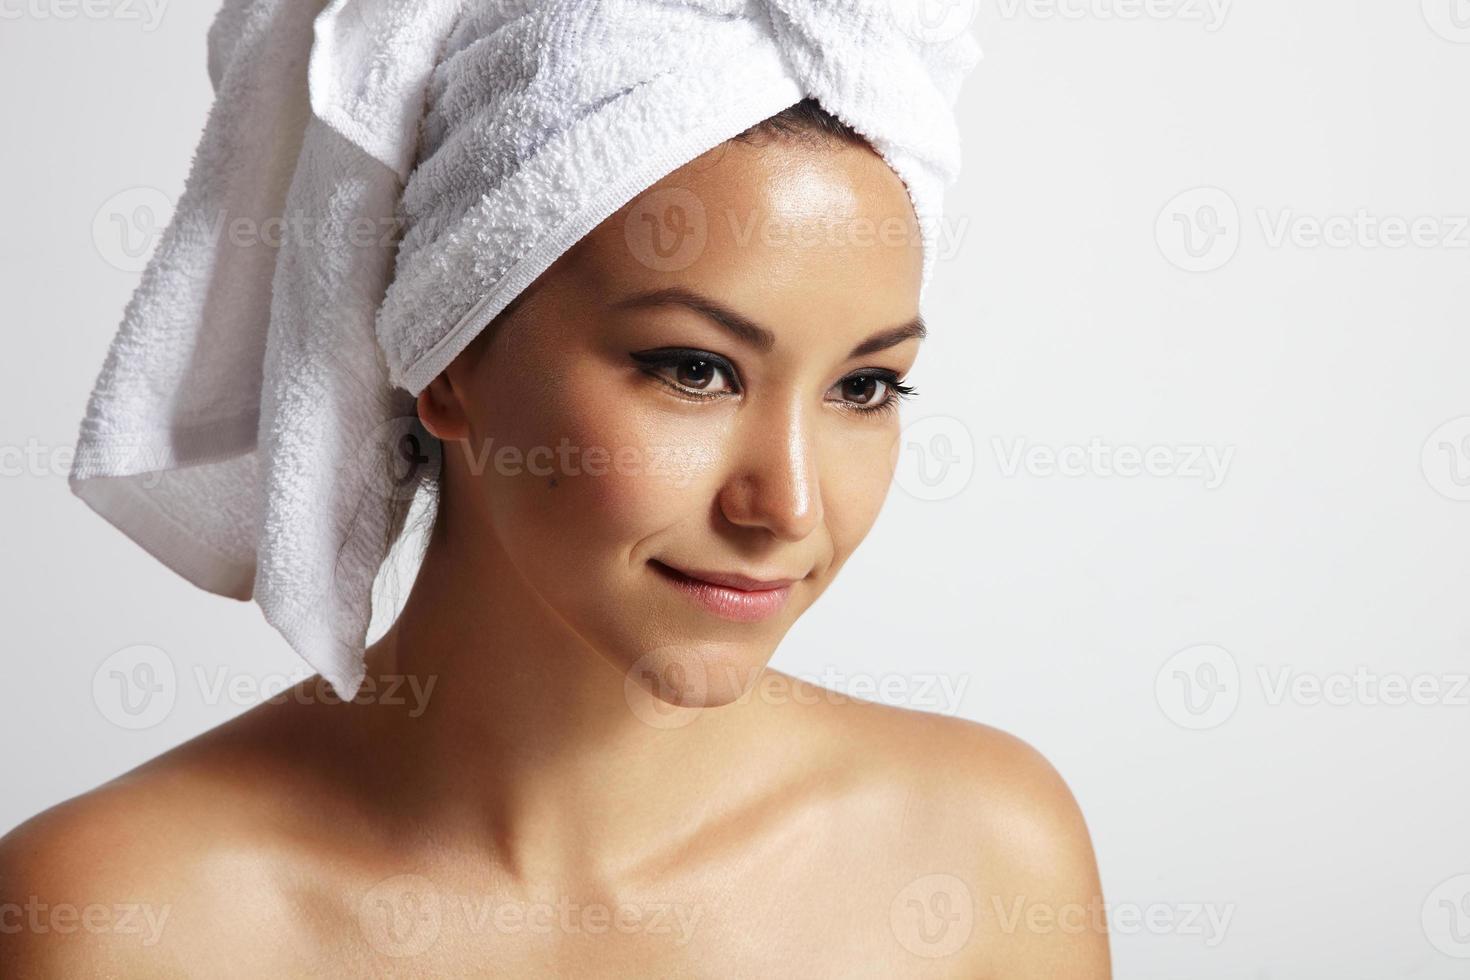 schoonheid vrouw met een witte handdoek op haar hoofd foto